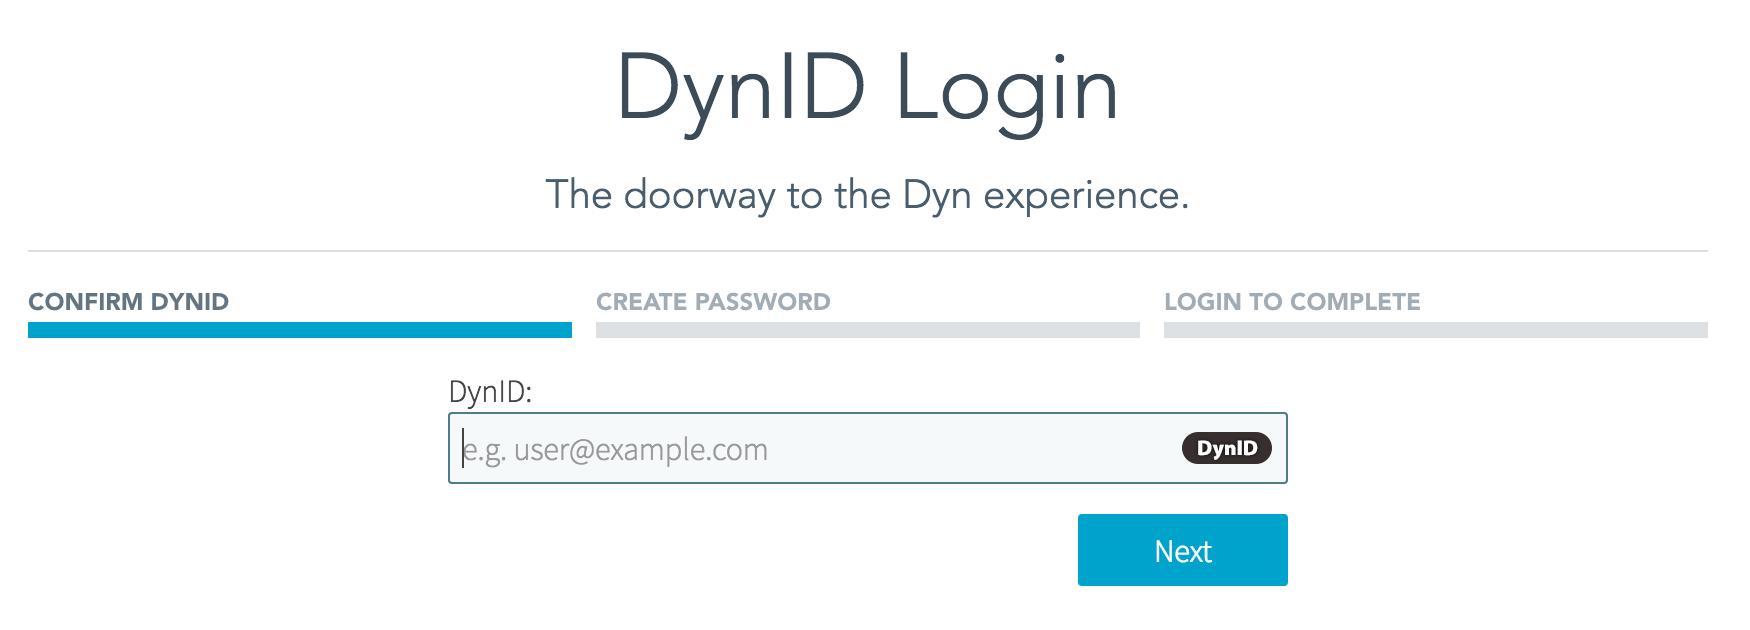 DynID Confirm Reset